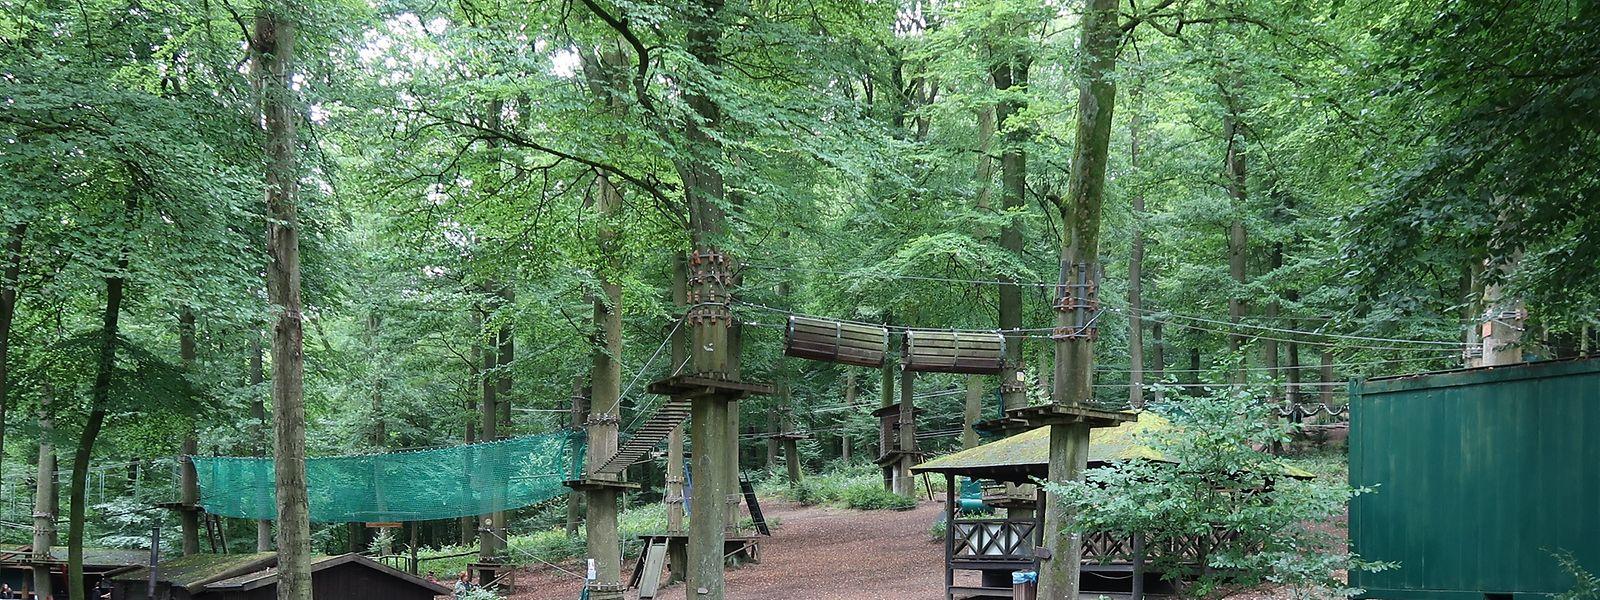 Mitten in einem idyllischen Wald gelegen, bietet der Kletterpark mit seinen vielen Installationen seinen Besuchern jede Menge Action. Diese müssen unter anderem über Hängebrücken balancieren, durch Holzröhren kriechen und sich an Seilen von Baum zu Baum schwingen.